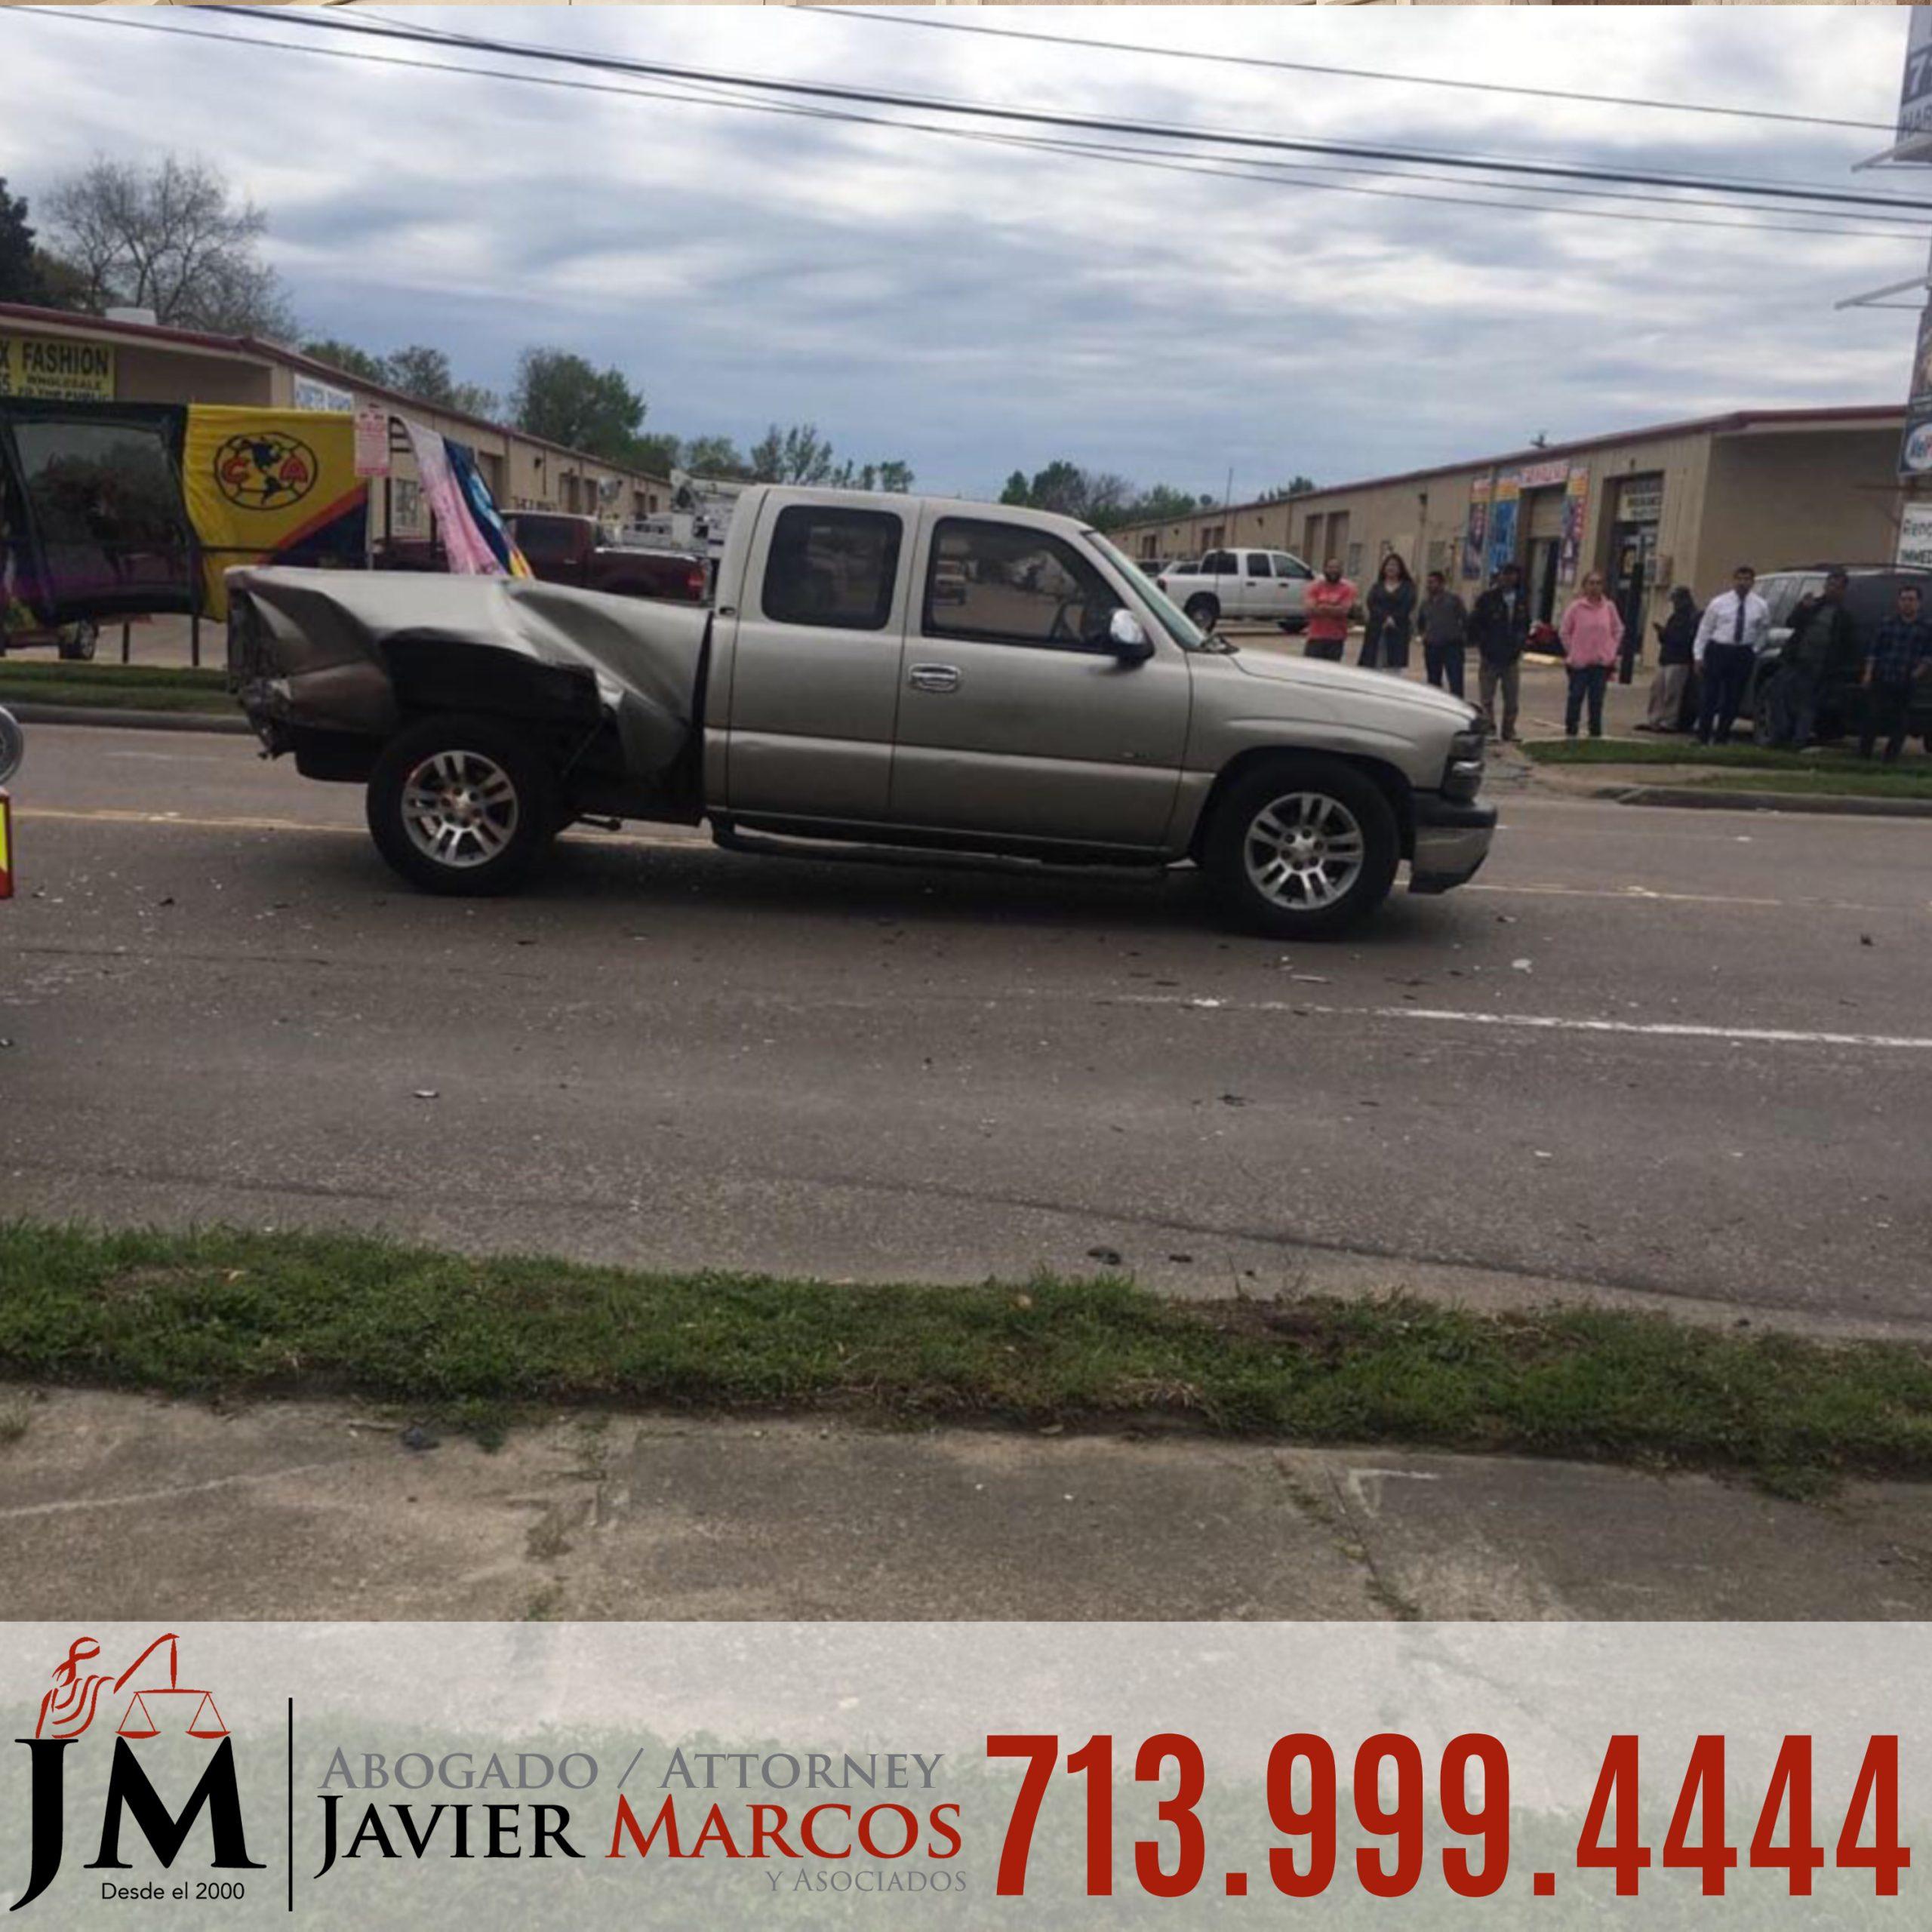 Evite las Redes sociales despues de un Accidente   Abogado Javier Marcos   713.999.4444